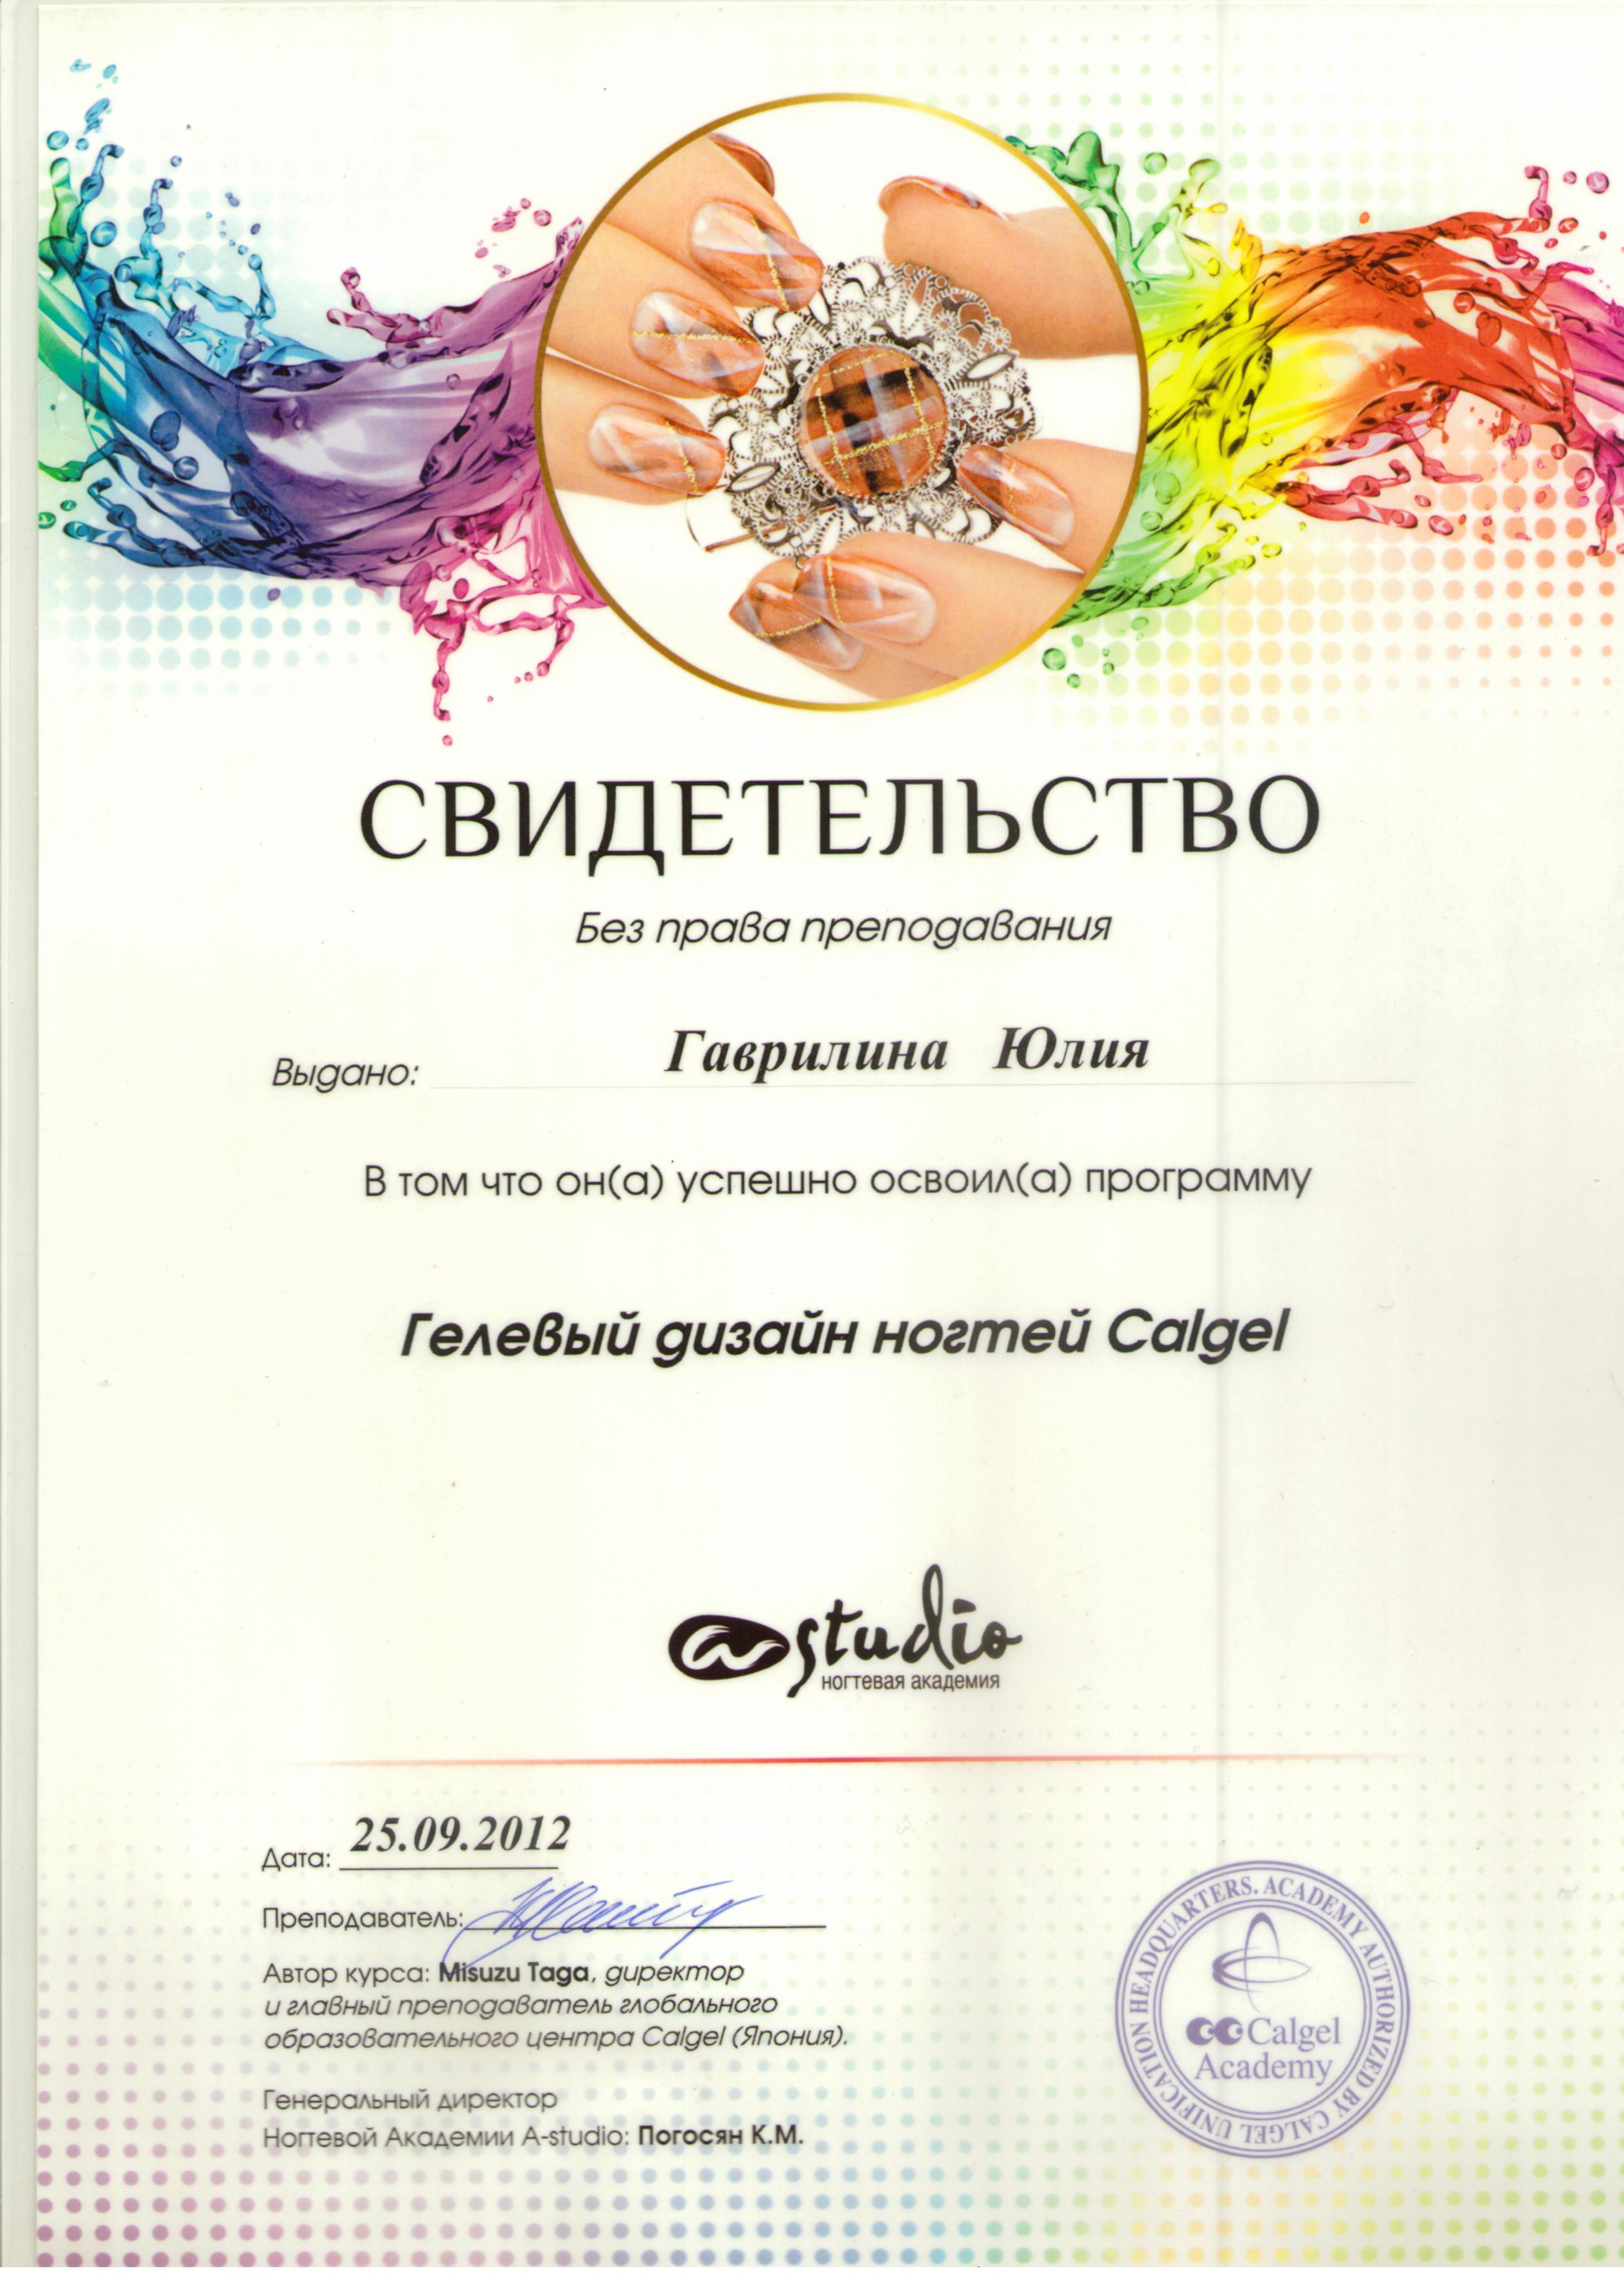 2012 Calgel Academy - Свидетельство о прохождении программы Гелевый дизайн ногтей Calgel